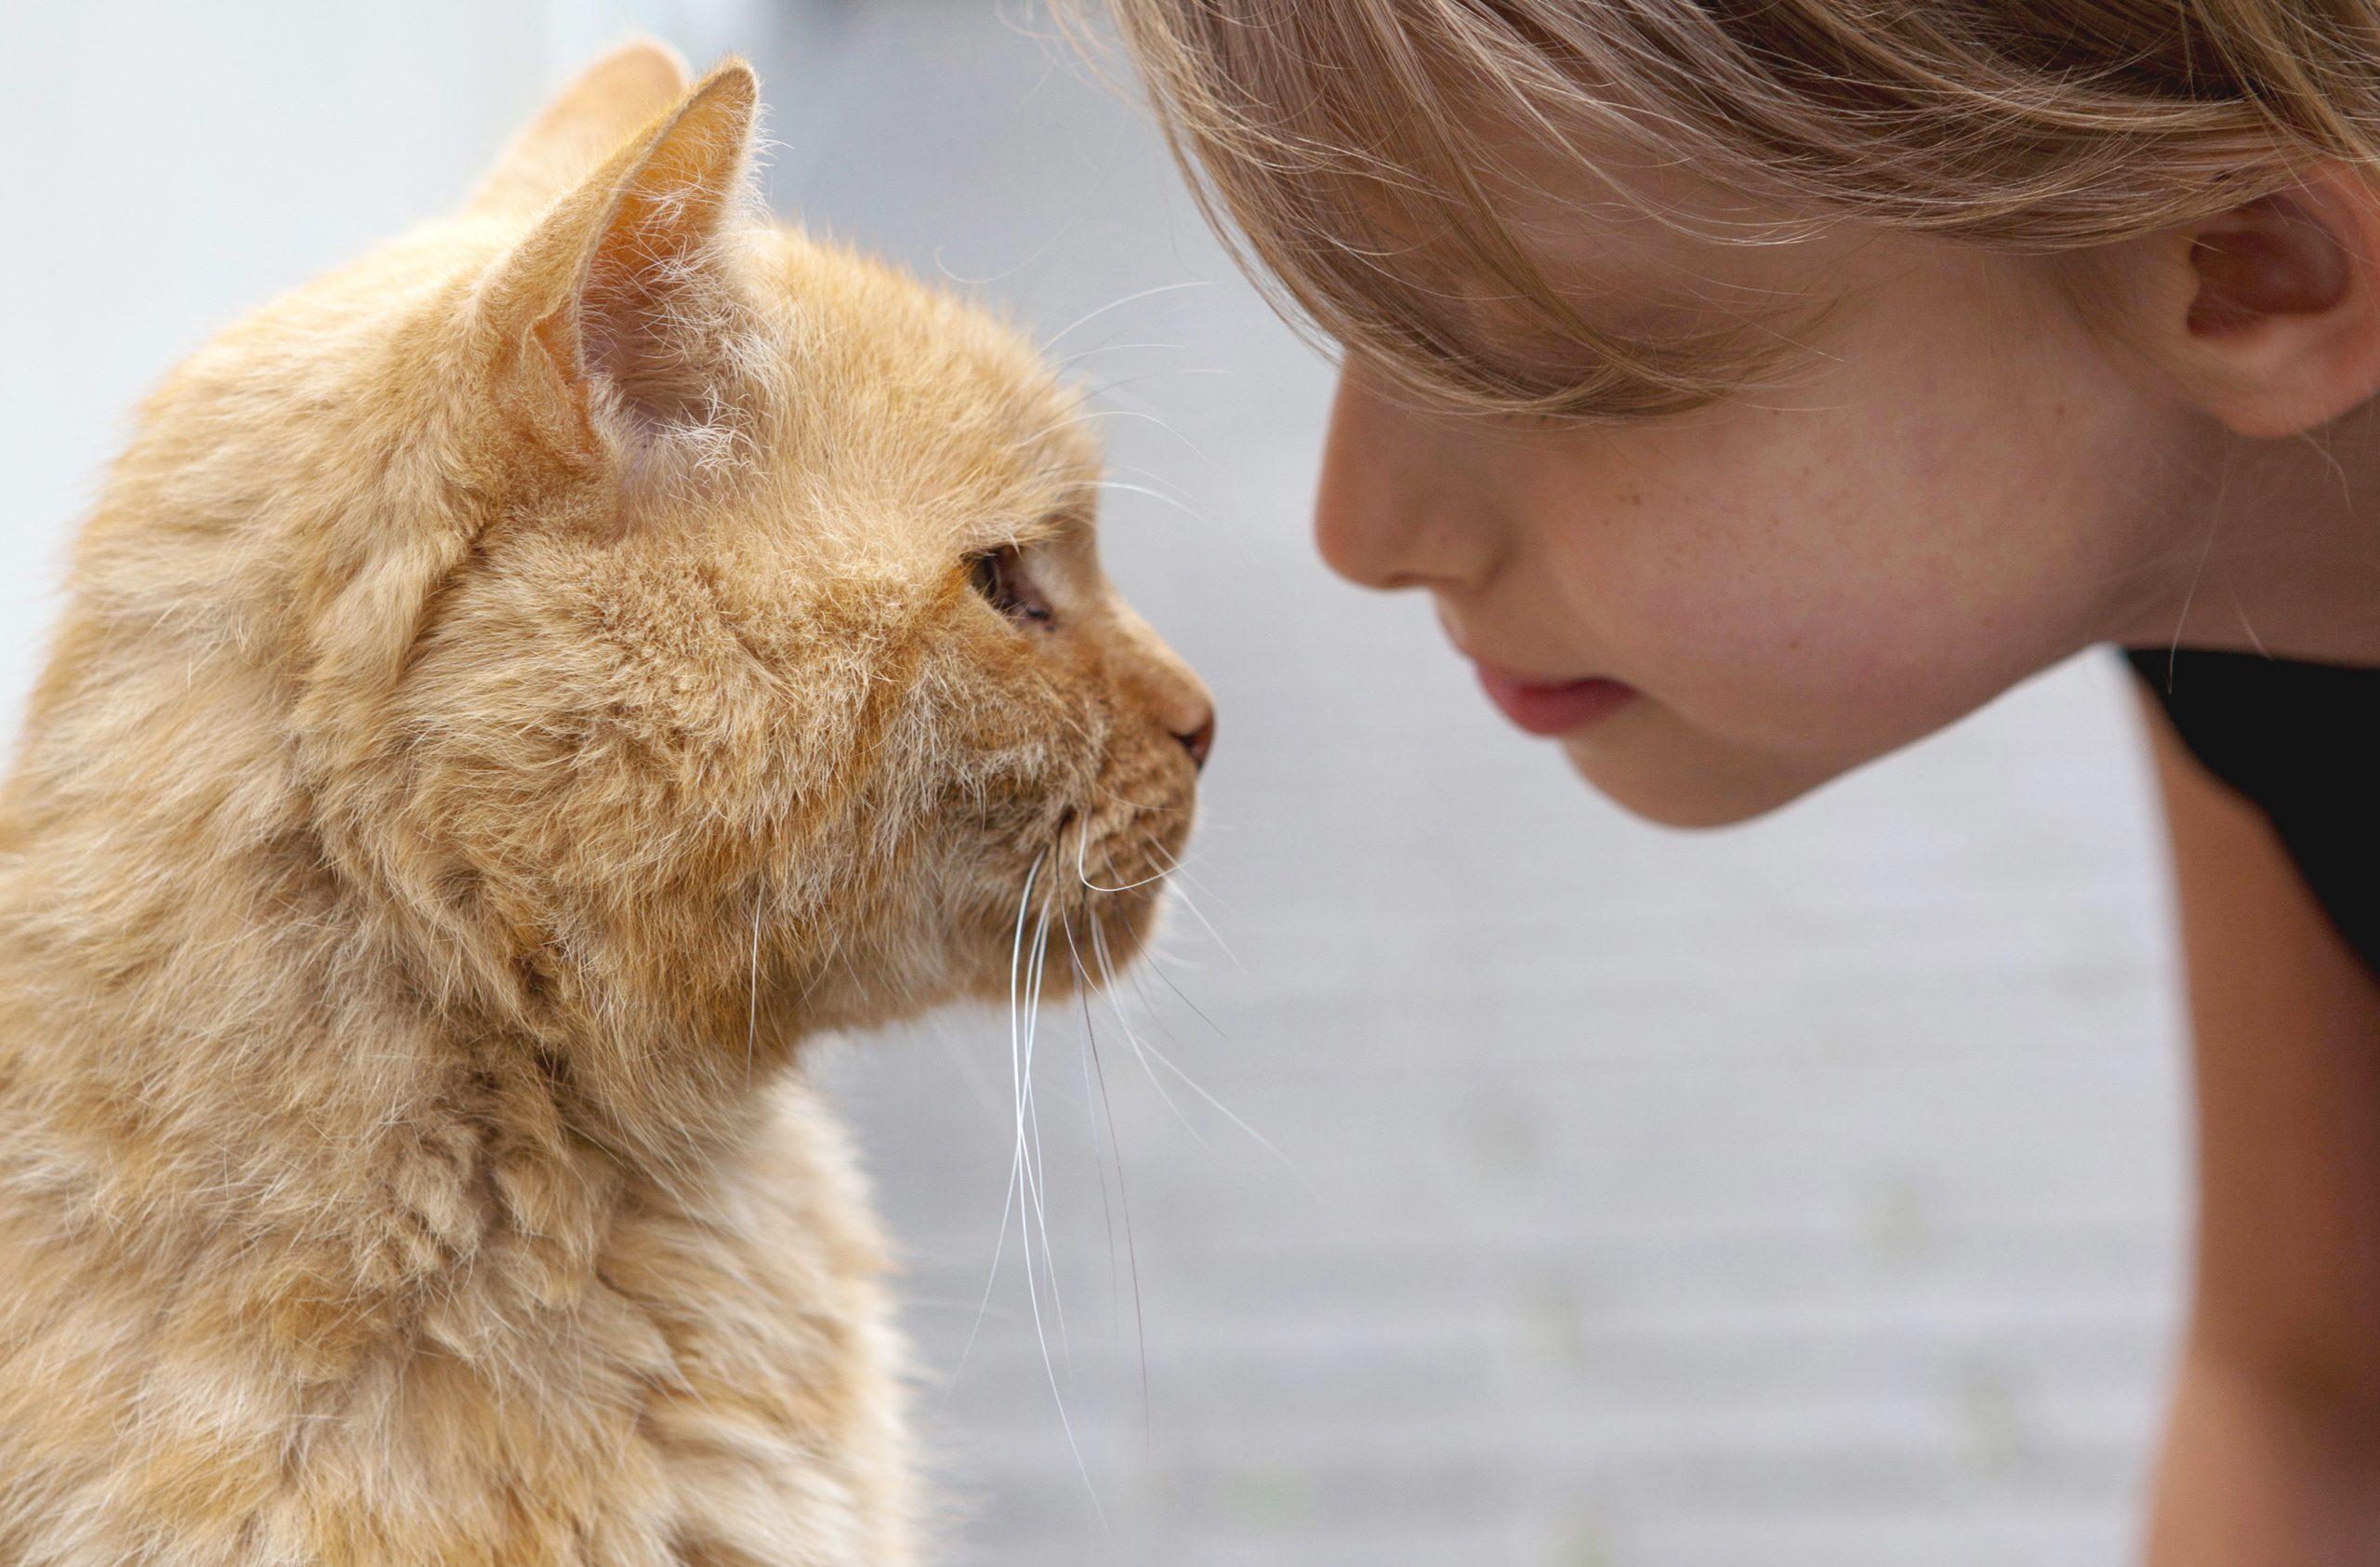 El gato expresa cariño y confianza a través del parpadeo lento